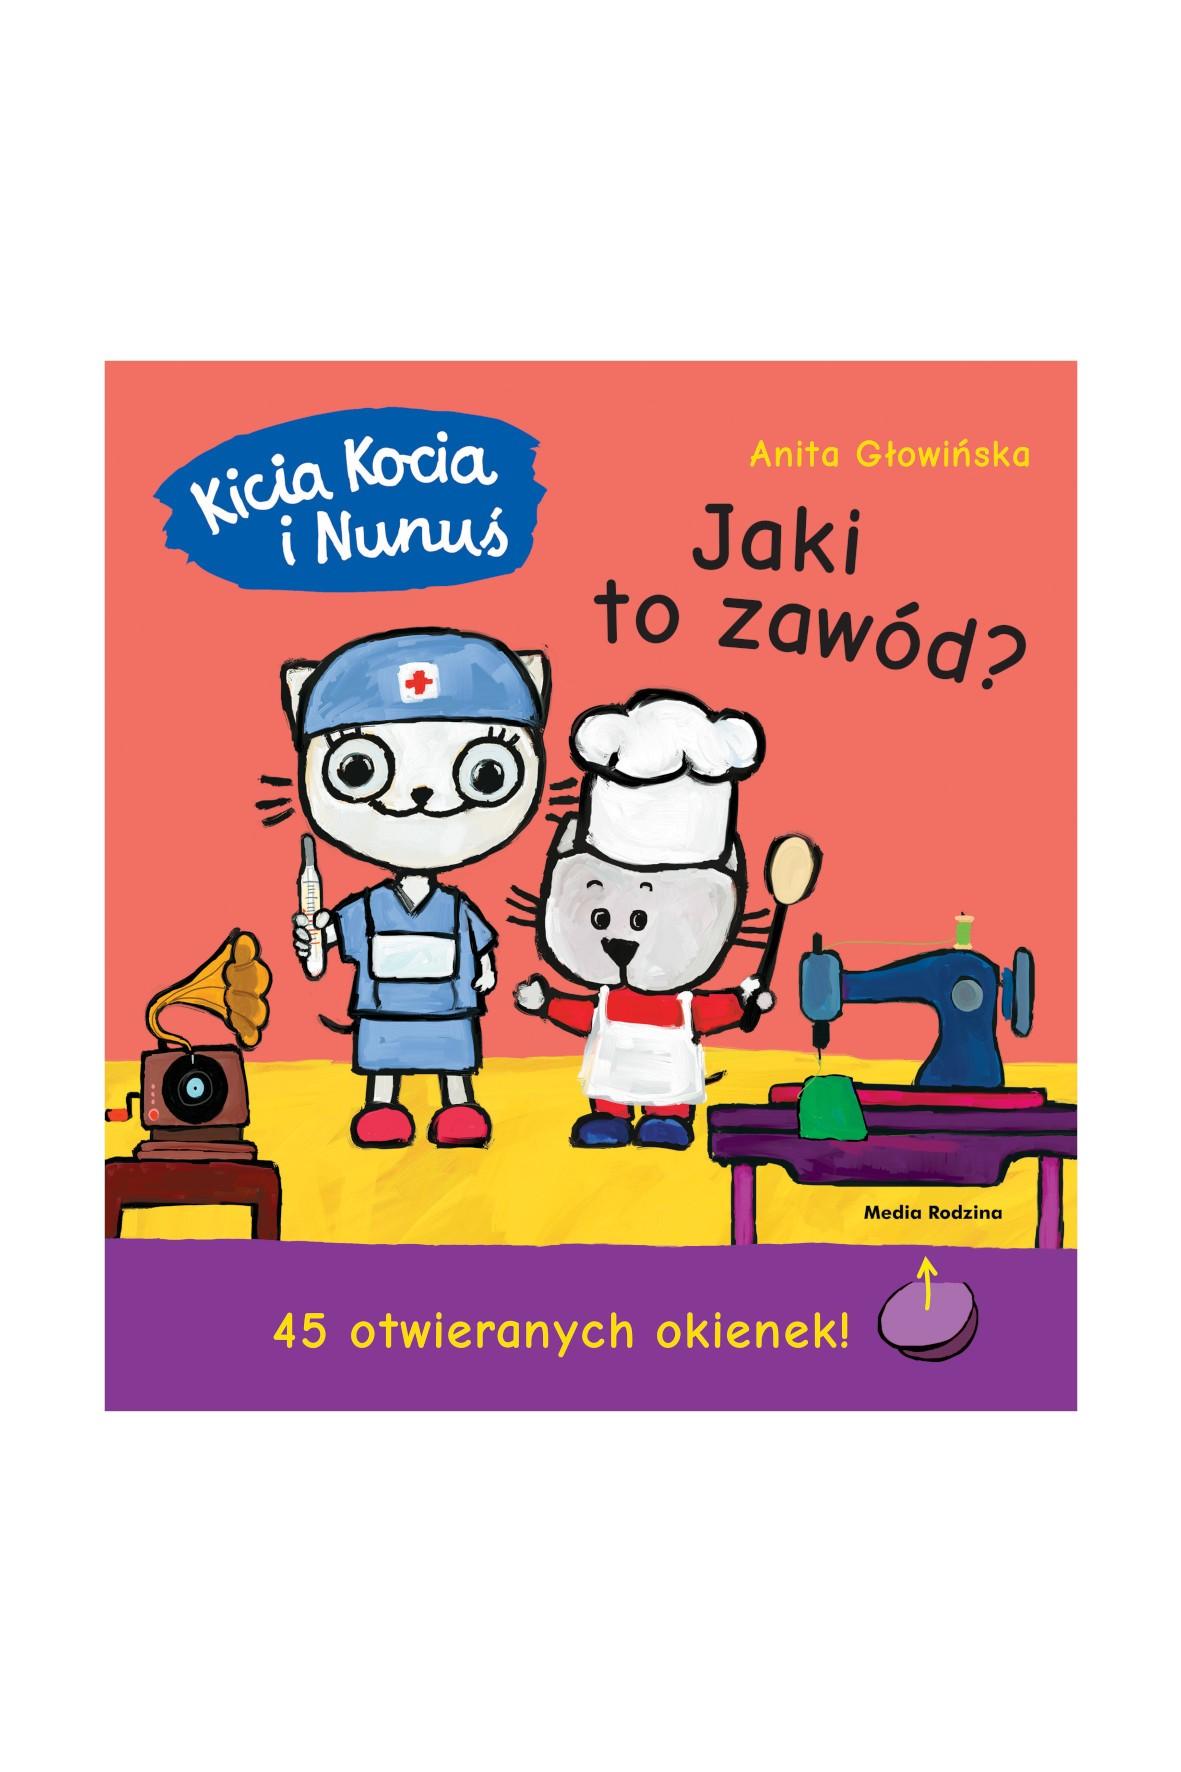 Książka dla dzieci- Kicia Kocia i Nunuś. Jaki to zawód? - książeczka z okienkami